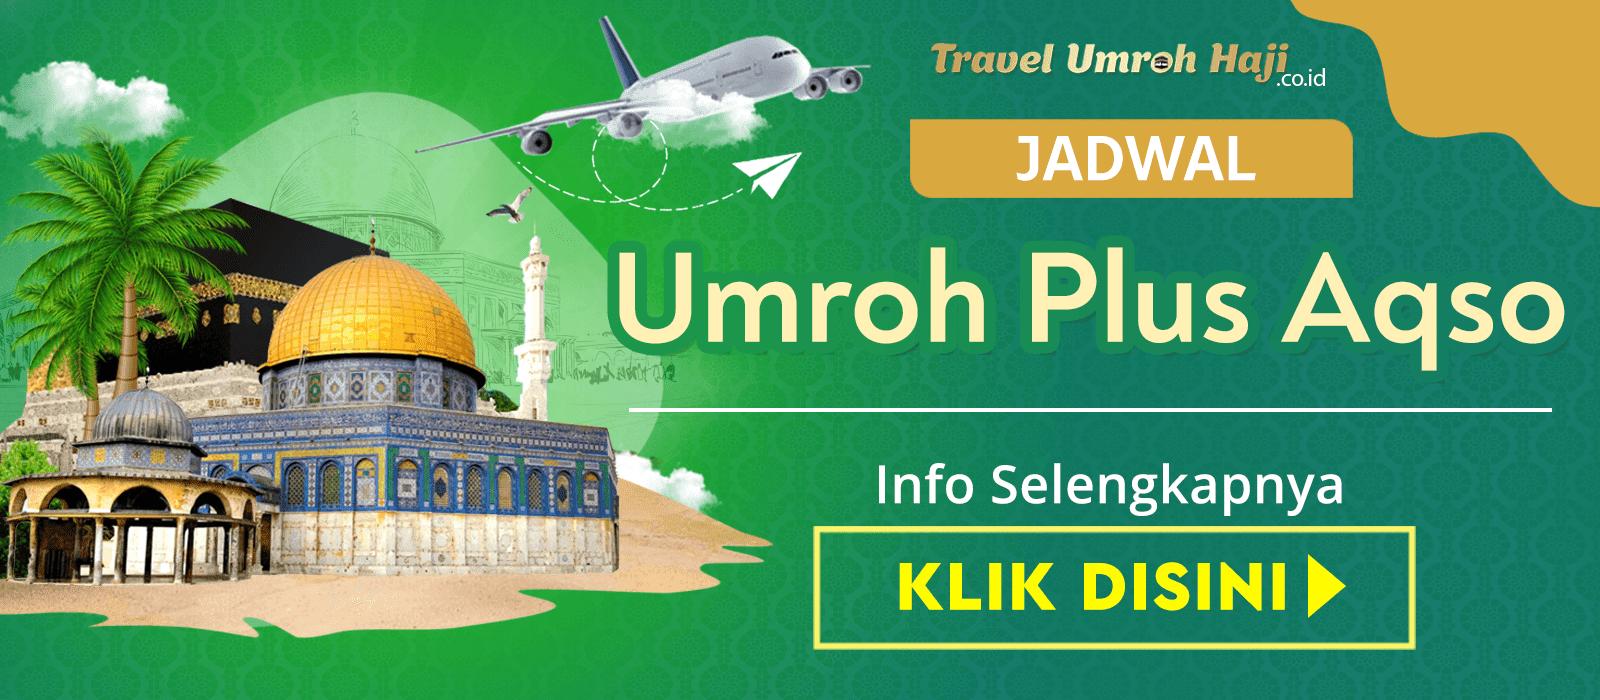 Paket Umroh Plus Aqso Murah Biaya Promo Jadwal Tahun 2021 2022